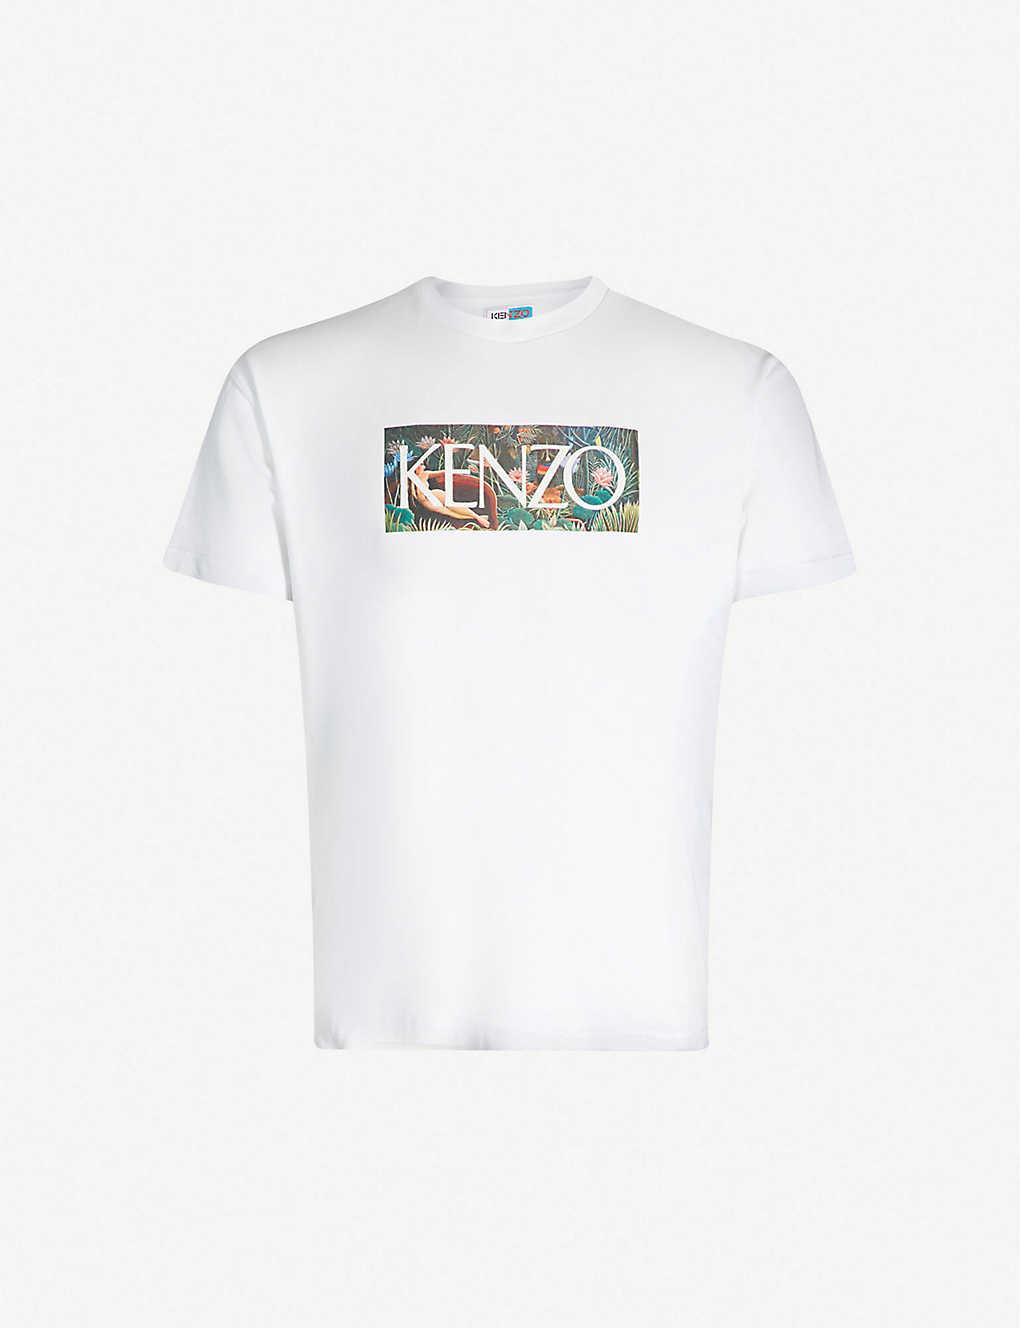 968d7b4dcee KENZO - Memento Wild cotton-jersey T-shirt | Selfridges.com